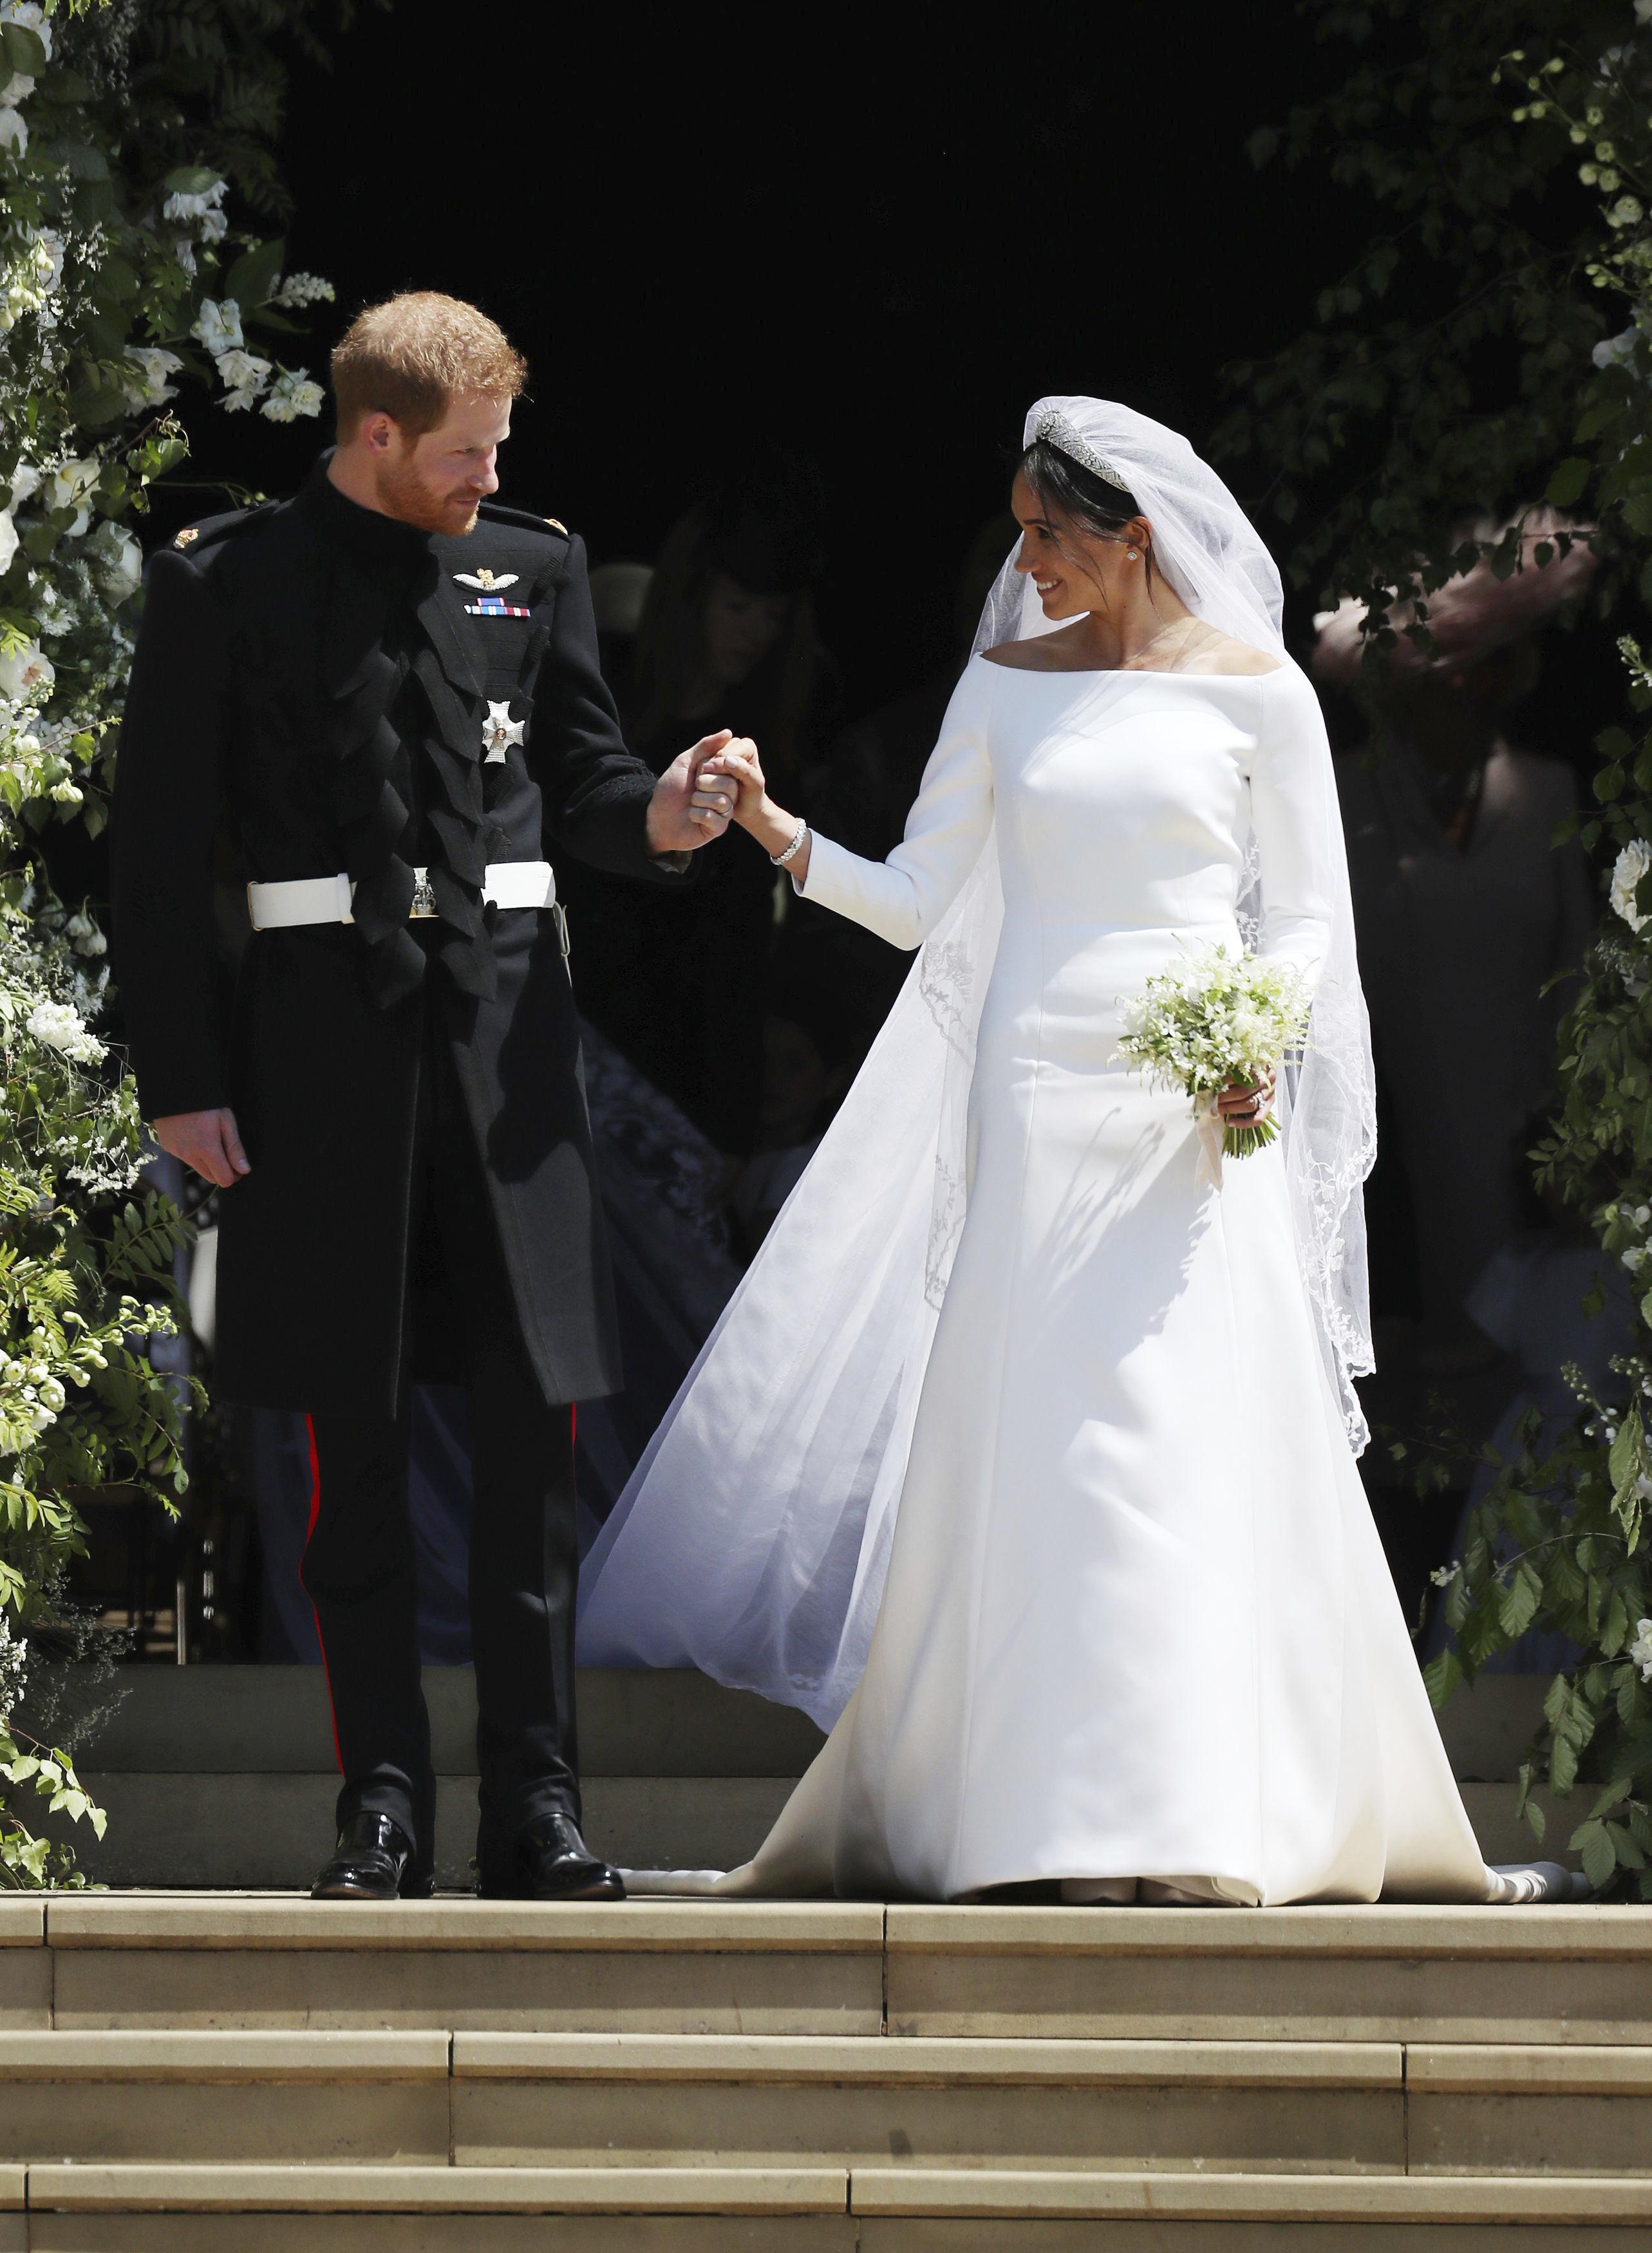 Το νυφικό της Meghan Markle είχε προβληματίσει πολύ τη Βασίλισσα Ελισάβετ για τον εξής λόγο…